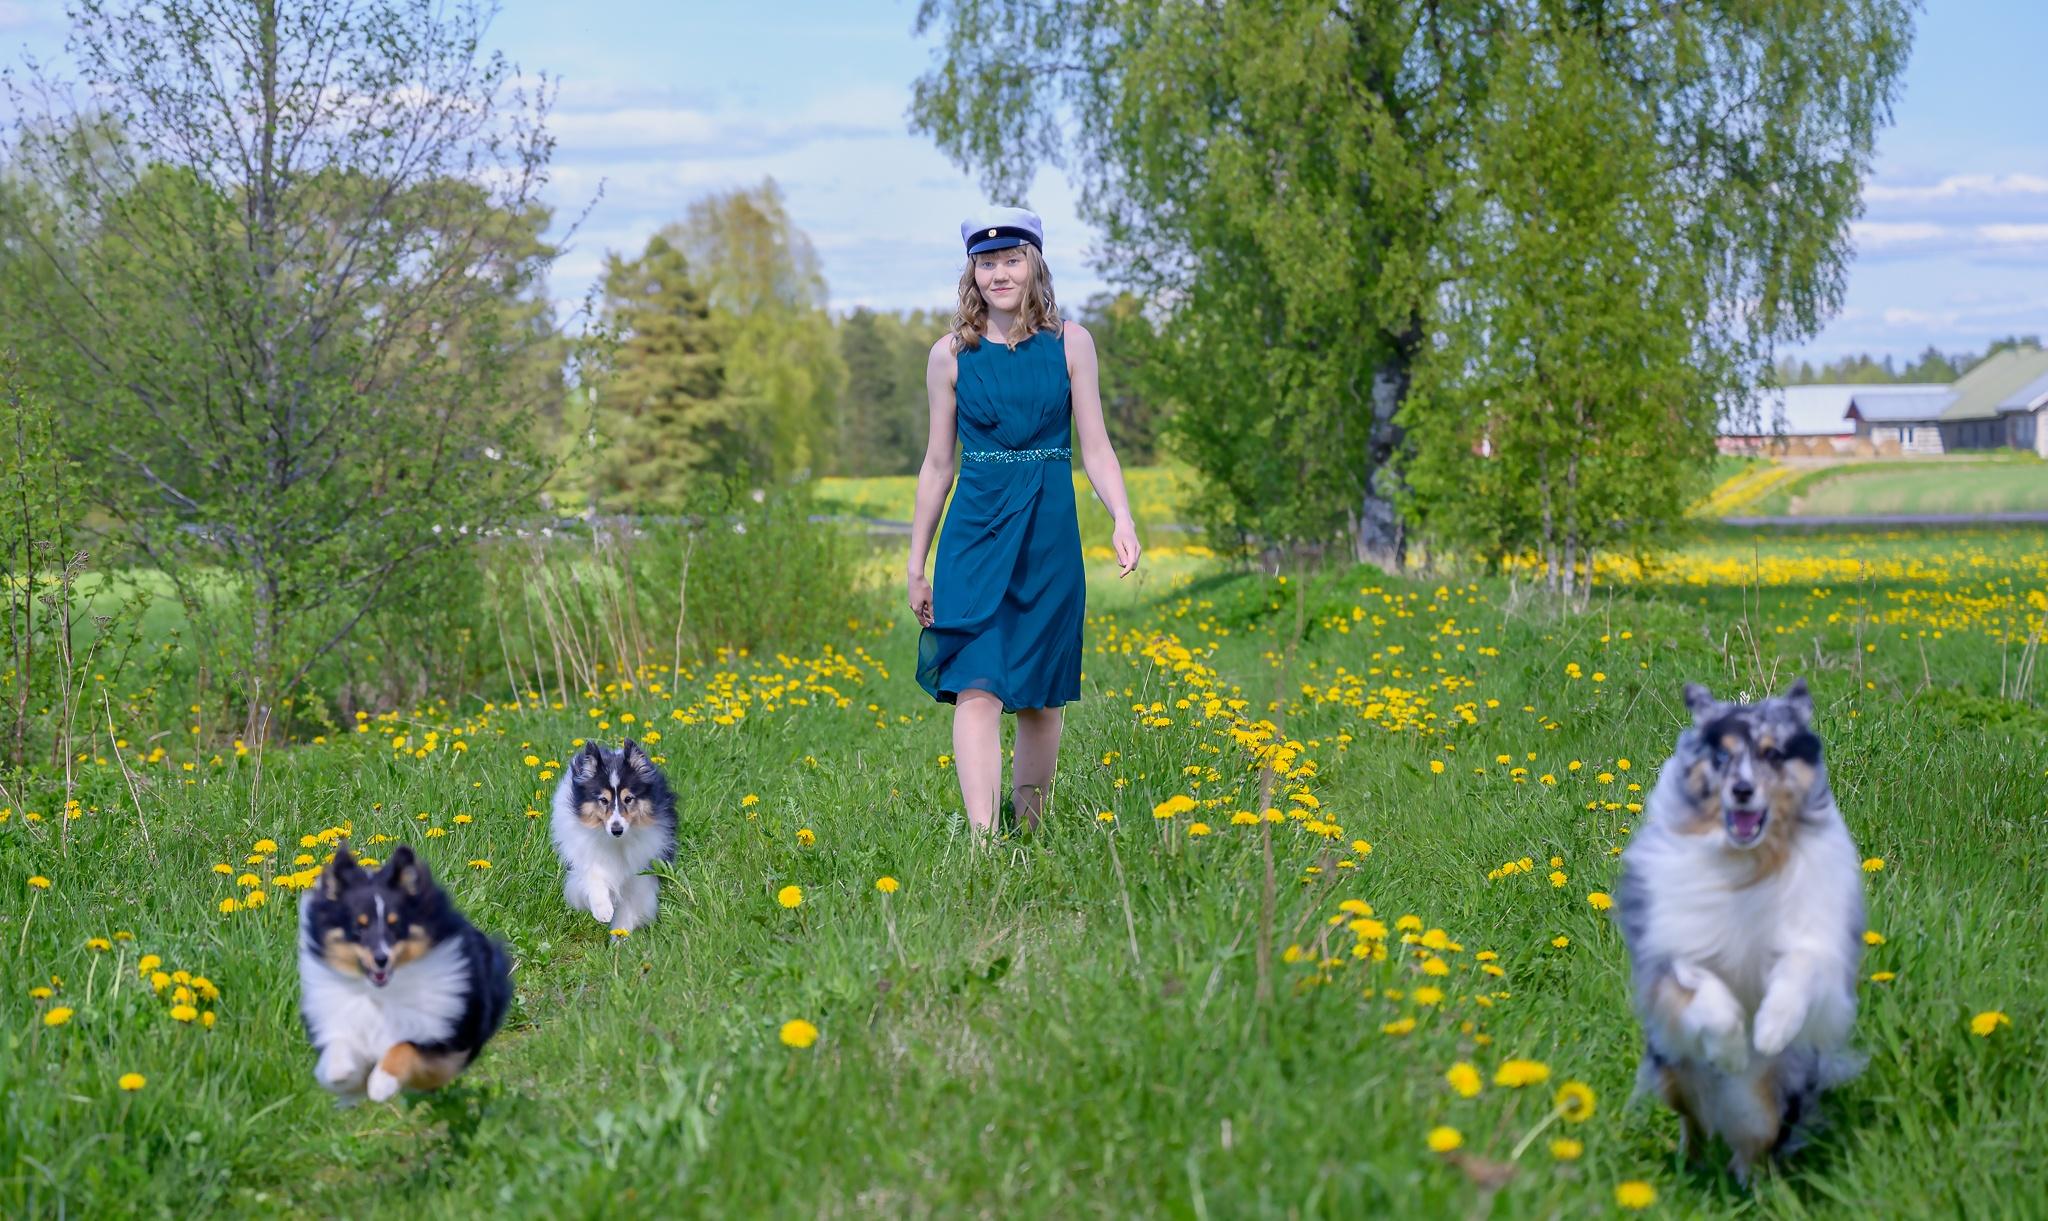 Ylioppilaskuva koirien kanssa Voimavalokuva Leena Aijasaho Saarijärvi